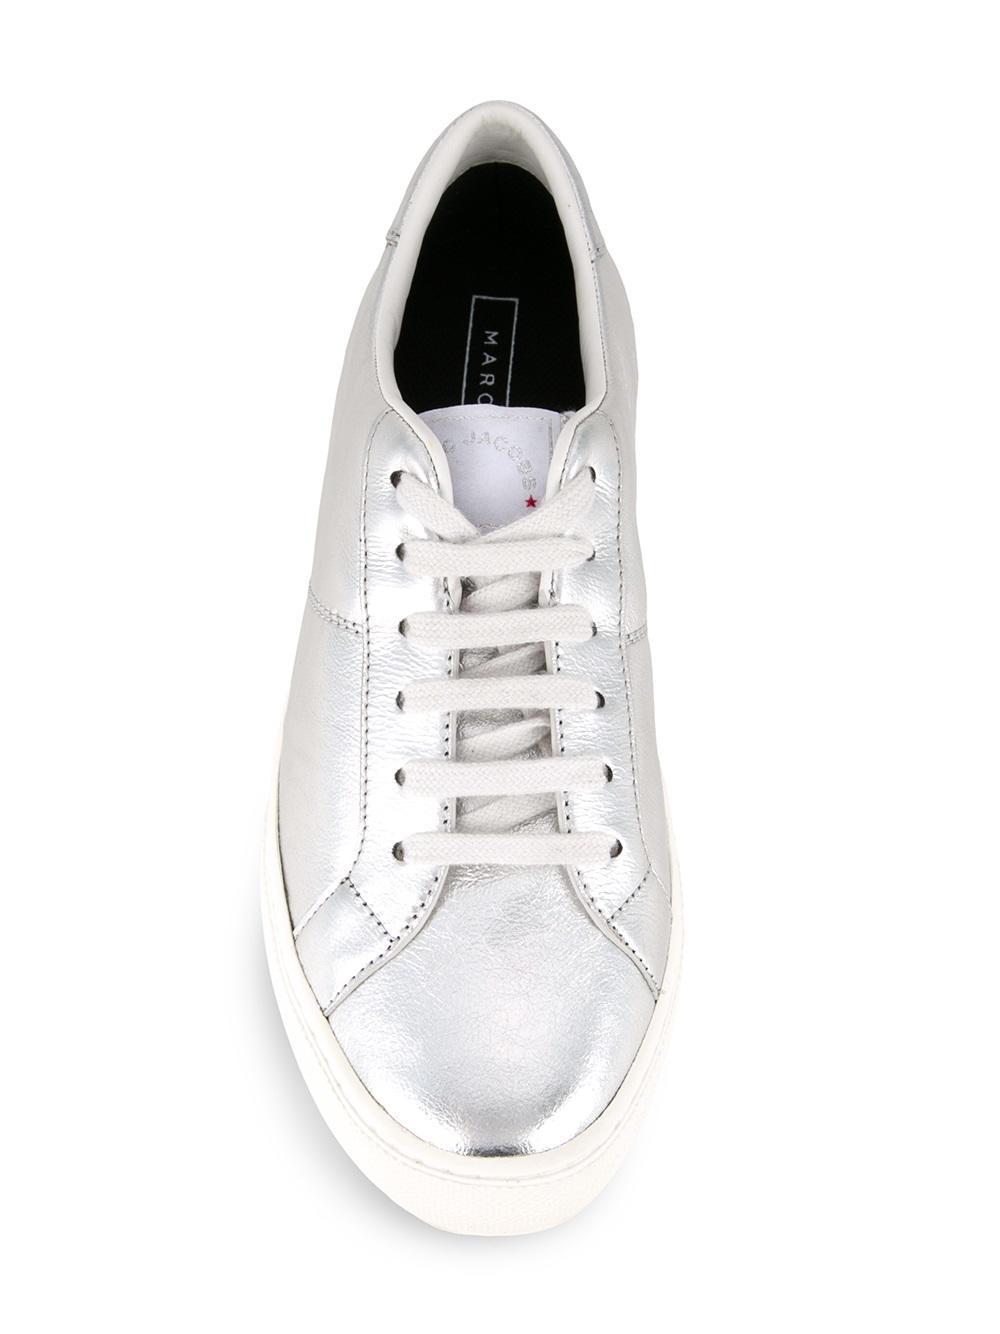 Marc Jacobs 'empire' Low Top Sneakers in Metallic